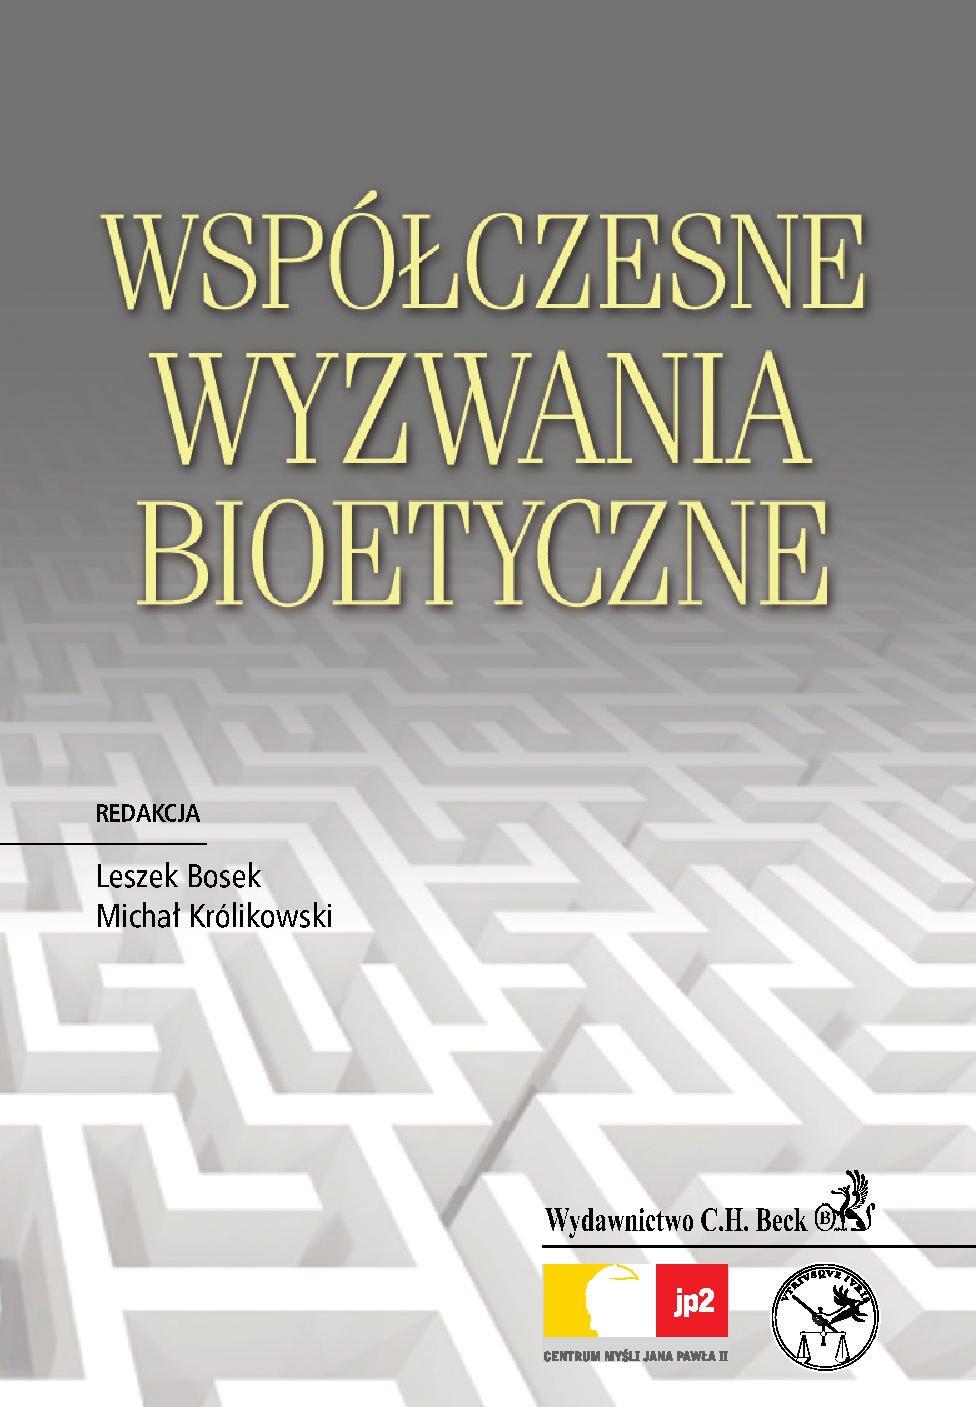 Współczesne wyzwania bioetyczne - Ebook (Książka PDF) do pobrania w formacie PDF